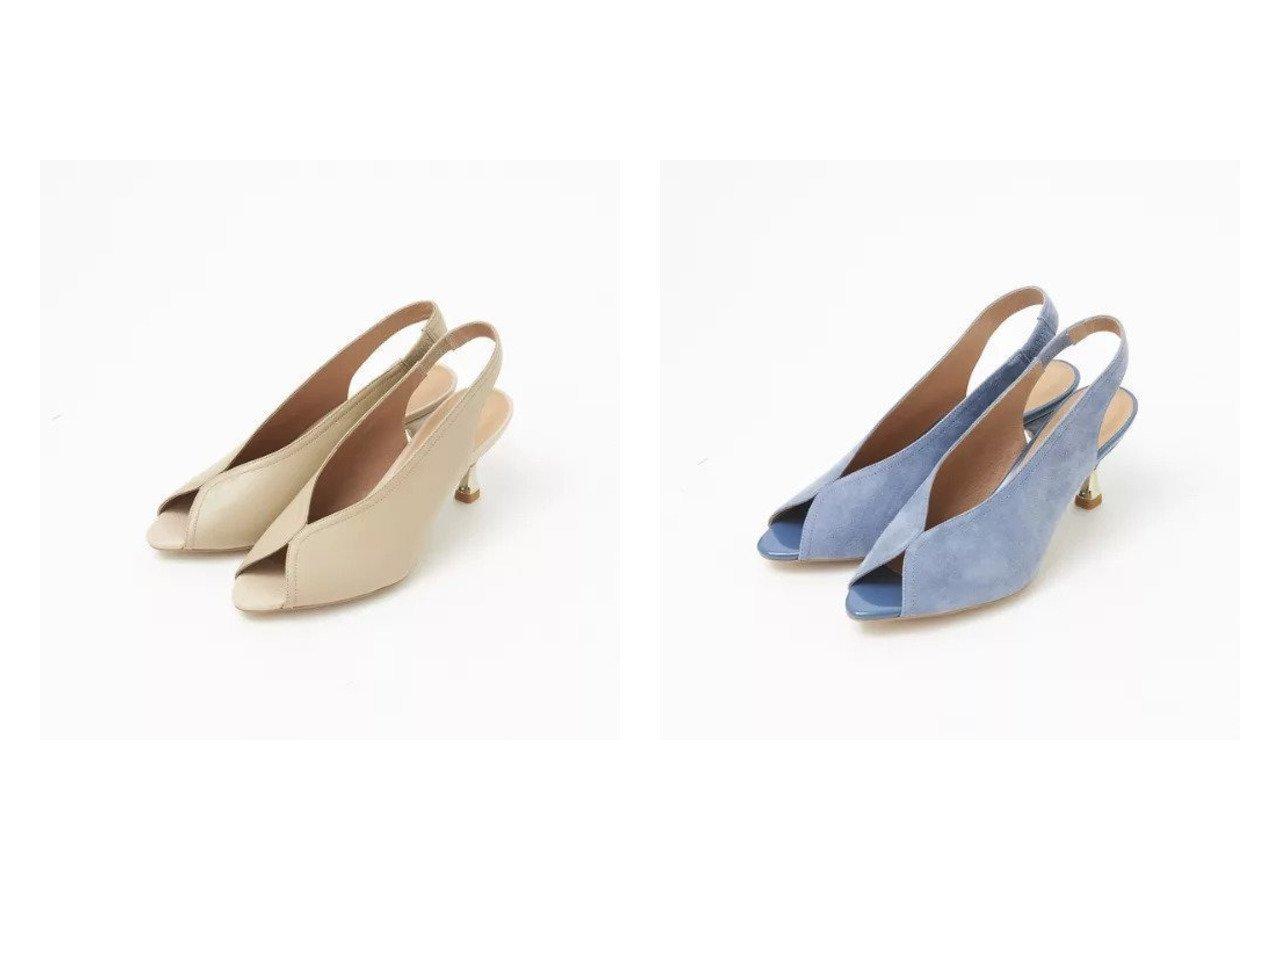 【Piche Abahouse/ピシェ アバハウス】のメタルヒールスリングバック 【シューズ・靴】おすすめ!人気トレンド・レディースファッションの通販  おすすめで人気の流行・トレンド、ファッションの通販商品 メンズファッション・キッズファッション・インテリア・家具・レディースファッション・服の通販 founy(ファニー) https://founy.com/ ファッション Fashion レディースファッション WOMEN バッグ Bag オープントゥ シューズ メタル ラップ |ID:crp329100000029621